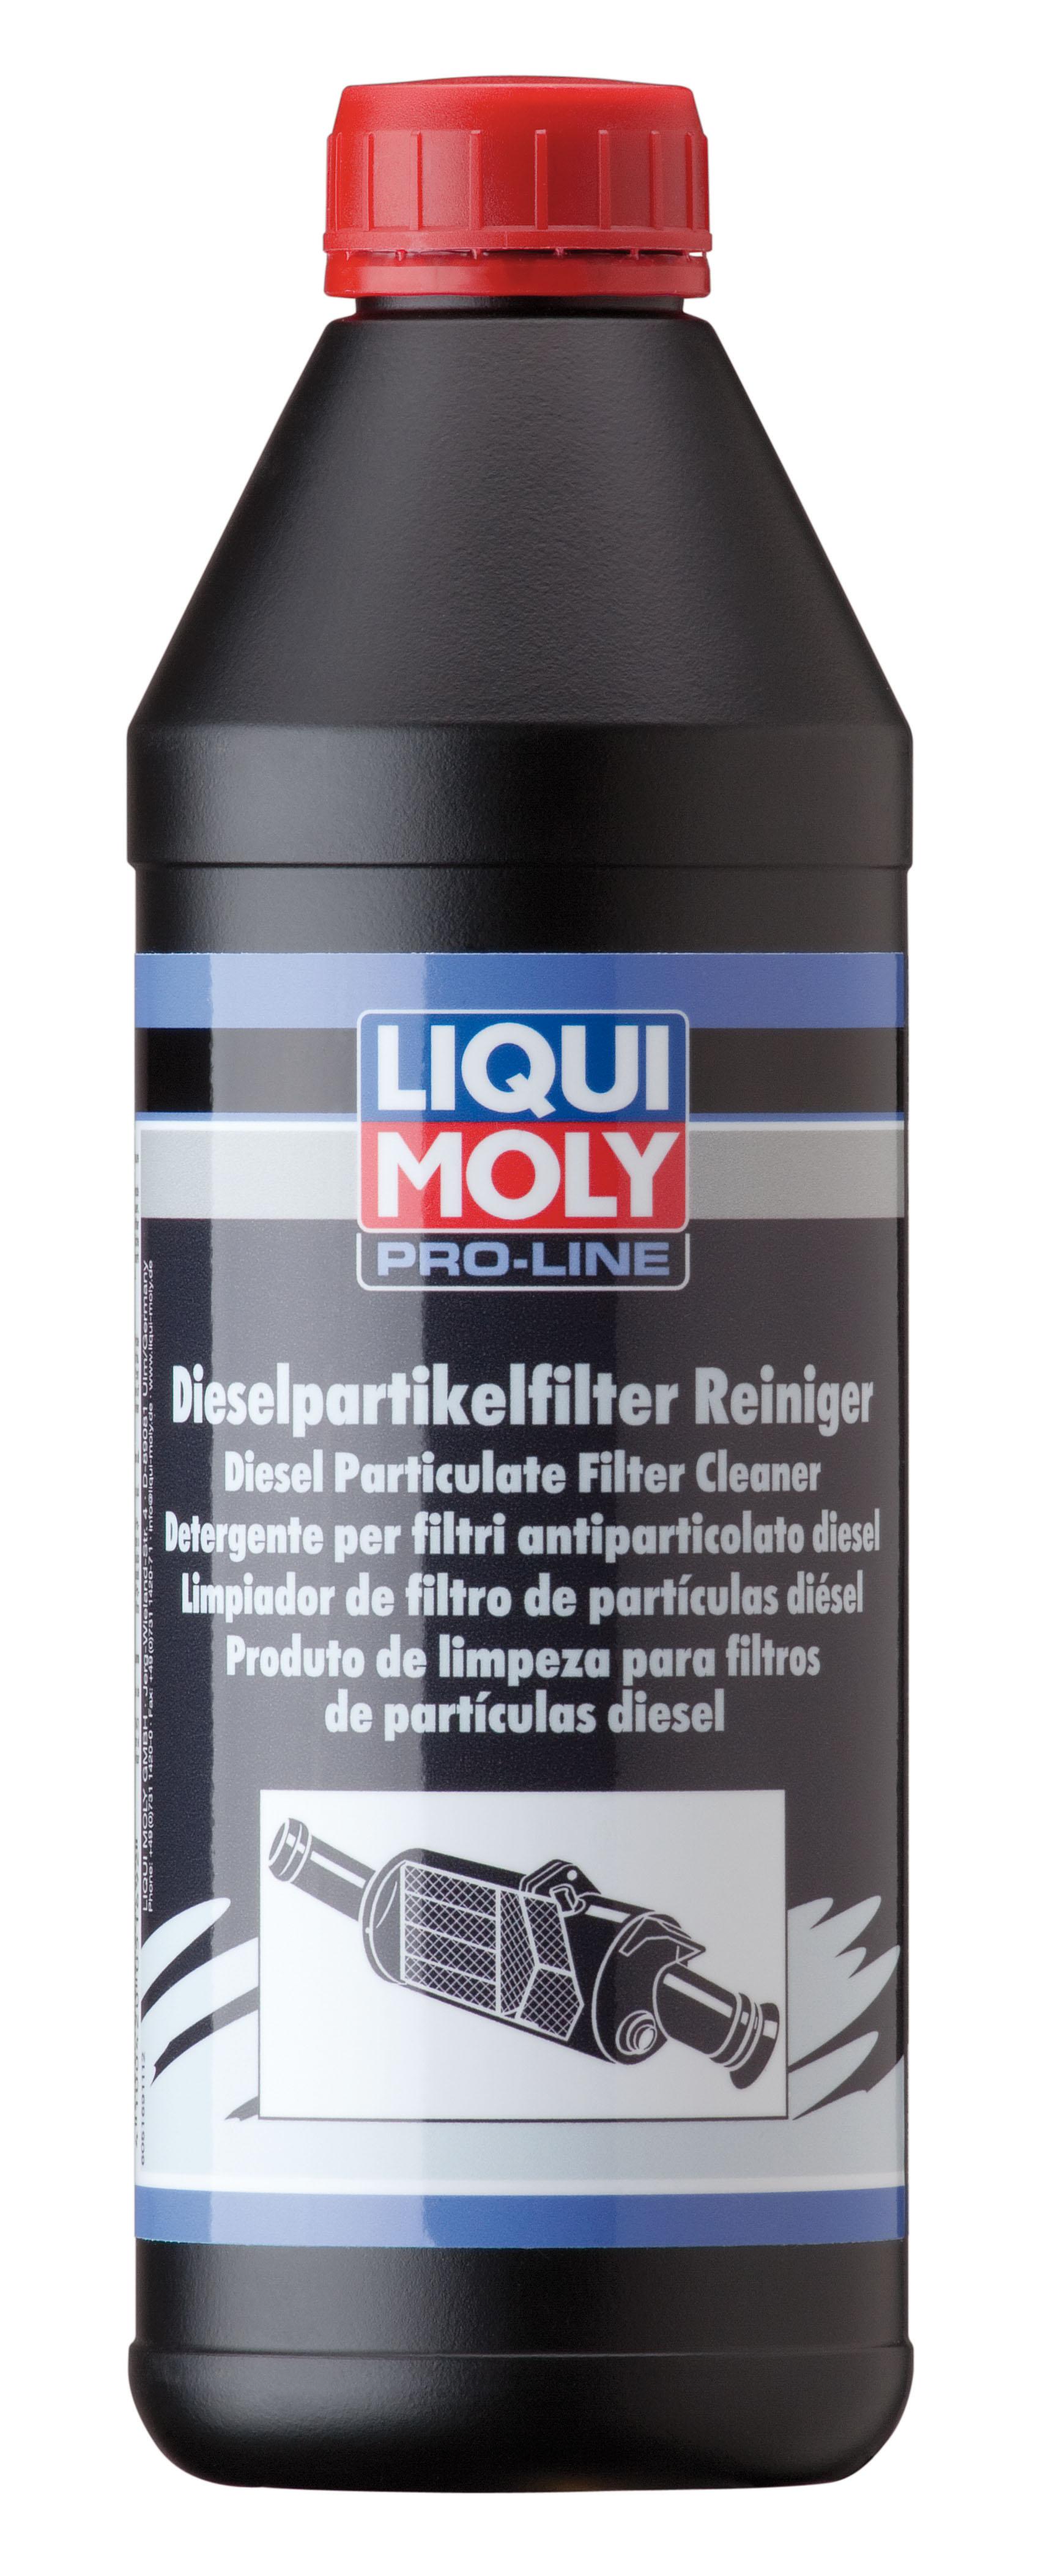 Очиститель дизельного сажевого фильтра для грузовых автомобилей Pro-Line Diesel Partikelfilter Reiniger